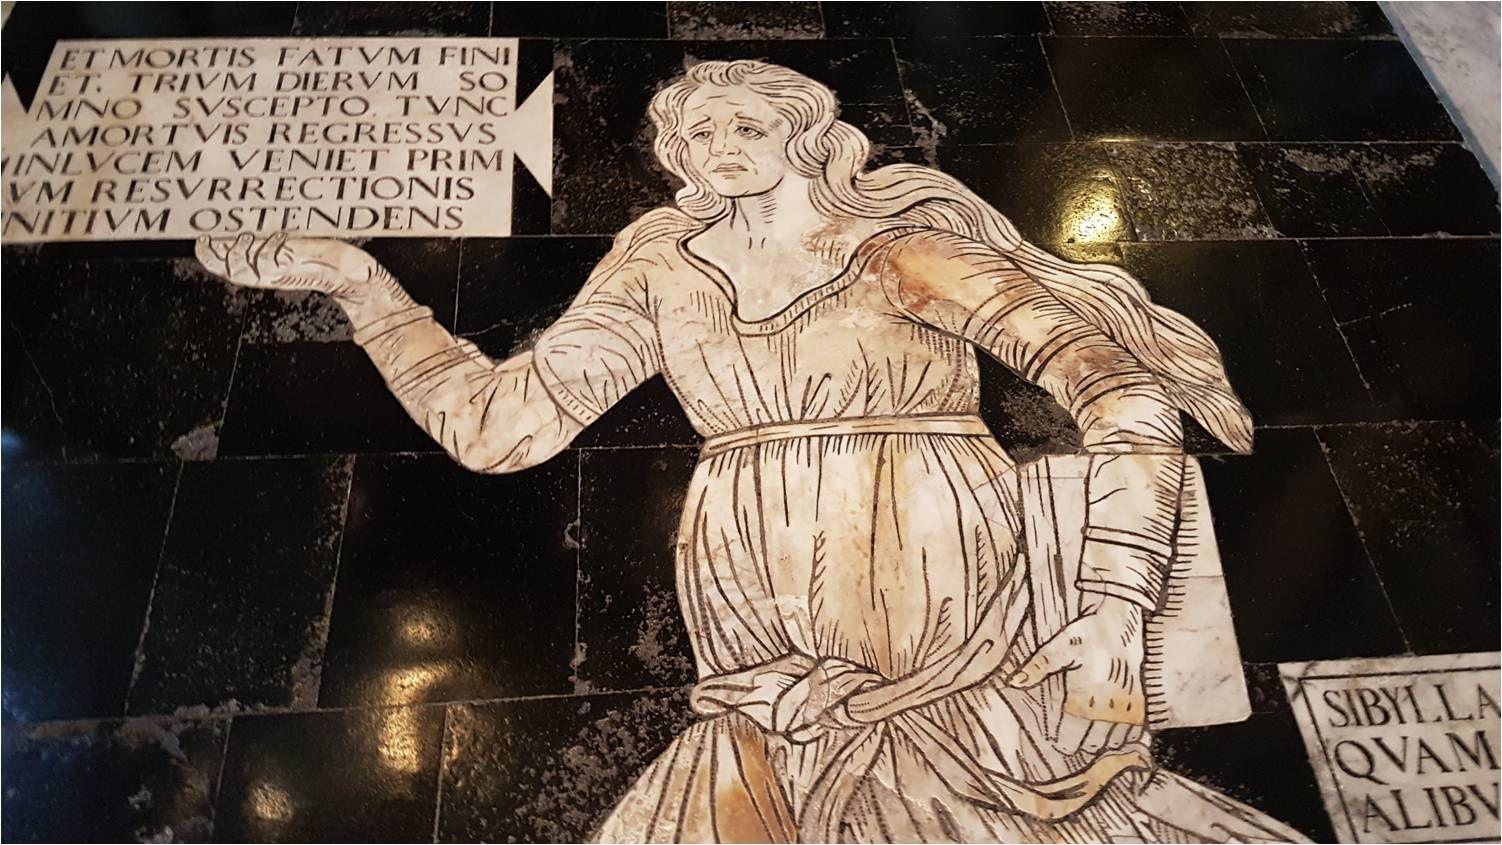 Duomo de Sienne, 07/04/17 12:15